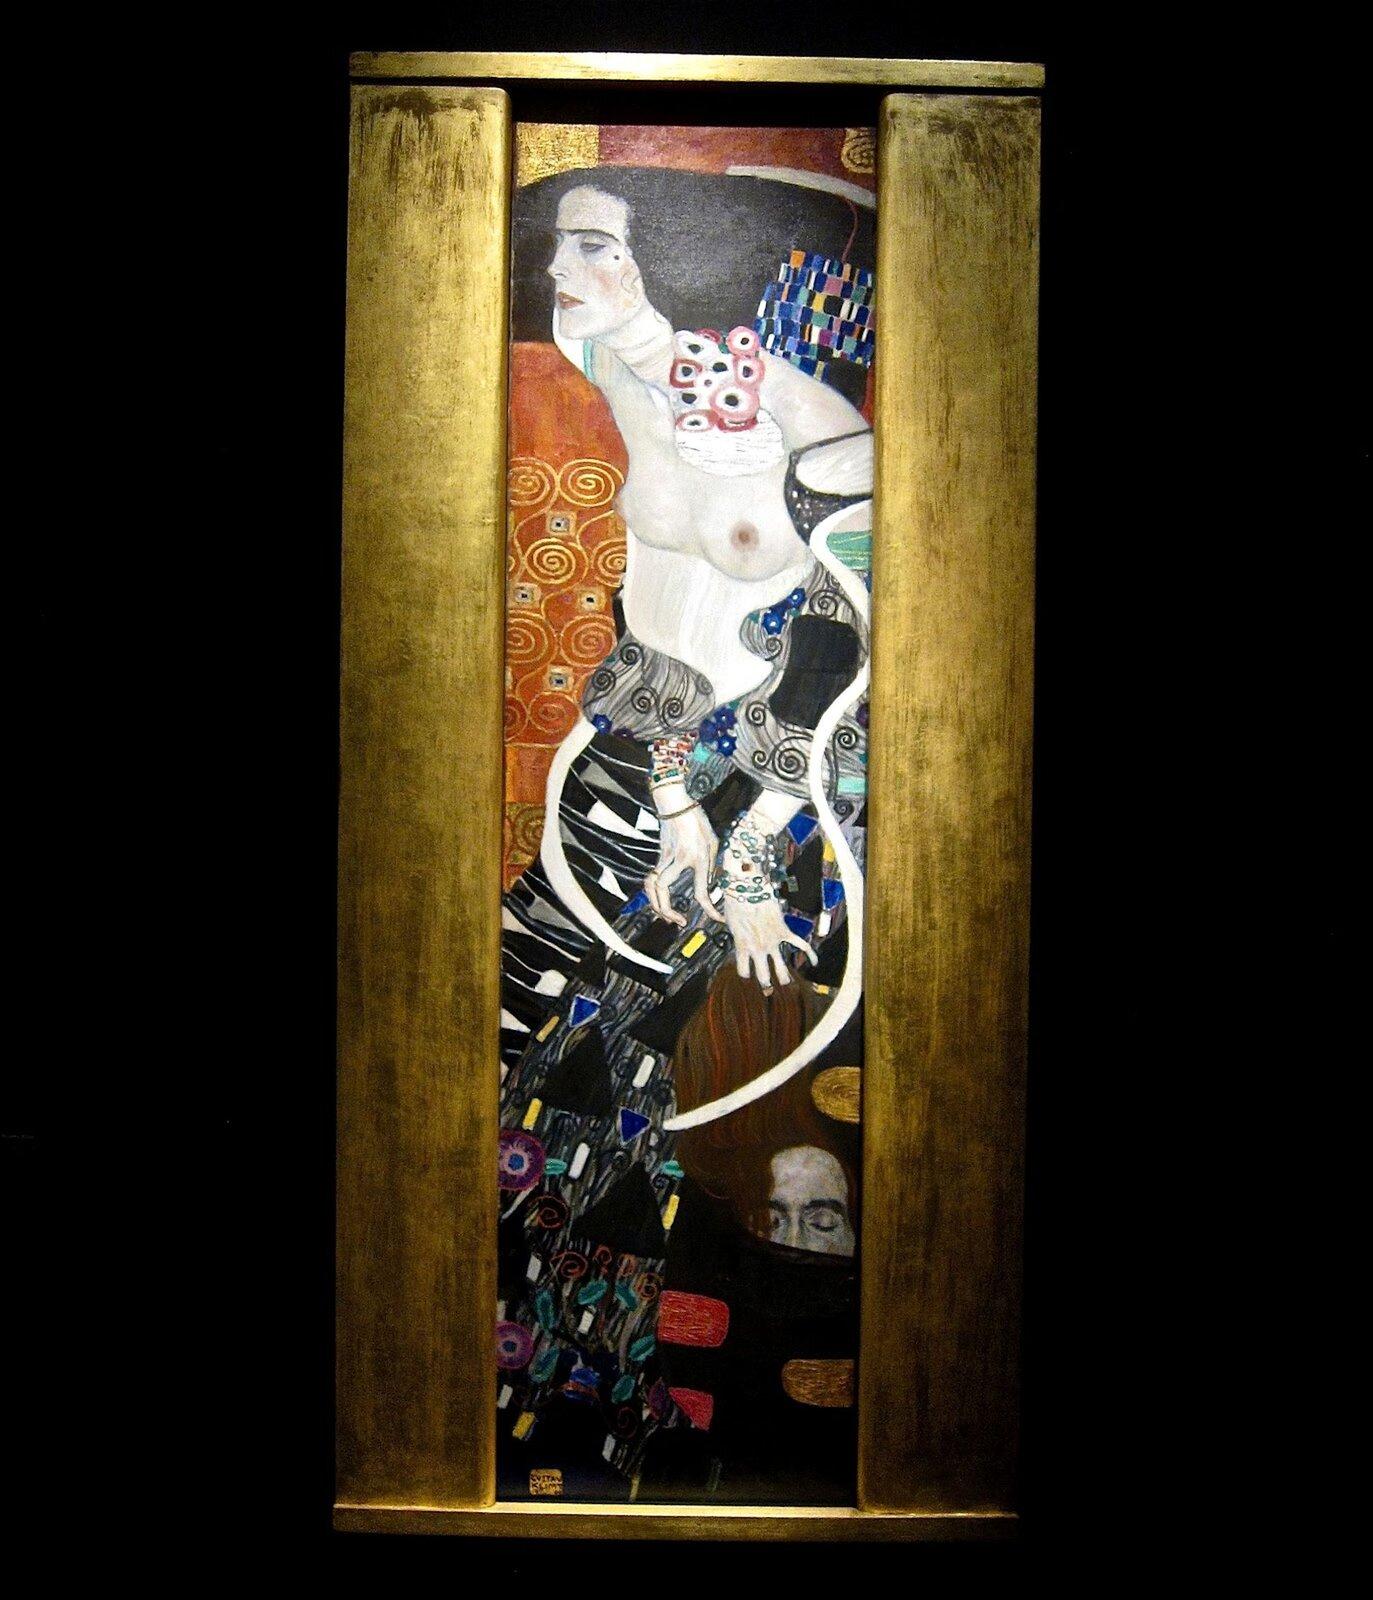 """Ilustracja interaktywna przedstawia obraz pod tytułami """"Wąż wodny I"""", autorstwa Gustava Klimta. Obraz przedstawia dwie rudowłose kobiety. Jedna wnienaturalnej pozycji. Jej głowa jest ułożona równolegle do jej ciała. Włosy przykrywają jej jedną pierś, atakże część tułowia. Jej ciało jest nienaturalnie długie. Obejmuje jedna ręką głowę drugiej kobiety, która ułożona jest tyłem do obserwującego. Wokół kobiet widoczne są cętki skóry węża. Dodatkowe informacje na temat następujących informacji: 1. Wąż wodny Ipowstaje po podróży do Włoch, gdzie Klimt zachwyca się mozaikami bizantyjskimi wRawennie. Powodują one, że zaczyna używać jeszcze więcej złoceń. Obraz malowany jest farbami wodnymi oraz złotem na pergaminie. Przepojony erotyzmem idekoracyjność ukazuje dwie nagie kobiety splecione wuścisku. Zamiast nóg widzimy wężowe giętkie formy pokryte perlistymi pociągnięciami pędzla, co przywodzi na myśl nagradzane muszelek ilegendy osyrenach. Punkt 1: Wąż wodny Ipowstaje po podróży do Włoch, gdzie Klimt zachwyca się mozaikami bizantyjskimi wRawennie. Powodują one, że zaczyna stosować jeszcze więcej złoceń. Obraz malowany jest farbami wodnymi oraz złotem na pergaminie. Przepojony erotyzmem idekoracyjnością ukazuje dwie nagie kobiety splecione wuścisku. Zamiast nóg widzimy wężowe giętkie formy pokryte perlistymi pociągnięciami pędzla, co przywodzi na myśl nagromadzenie muszelek ilegendy osyrenach."""